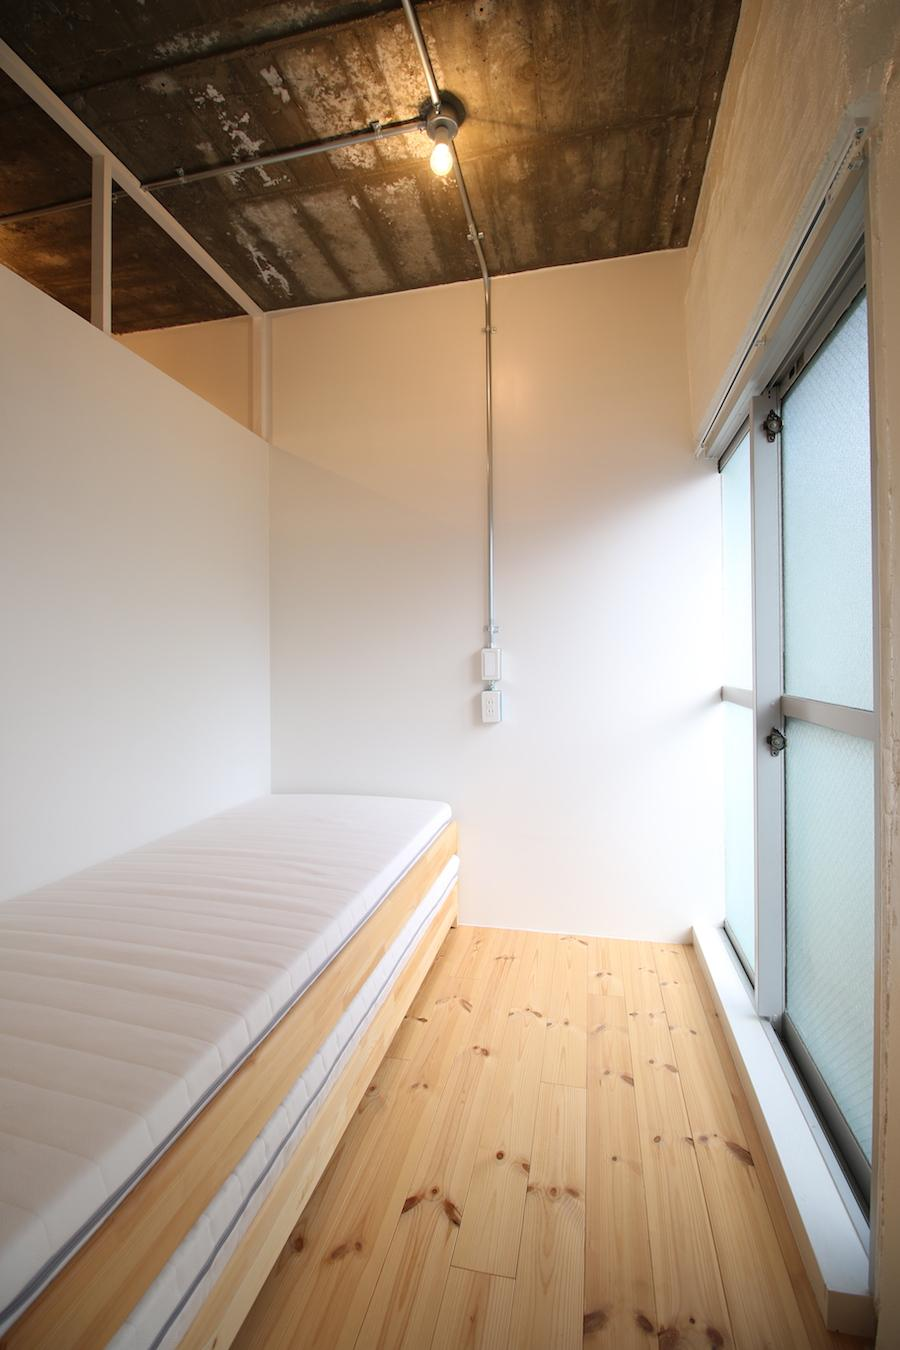 写真のベッドはシングルよりもやや幅が狭いタイプのもの。ダブルもぎりぎり収まる広さ(301号室)